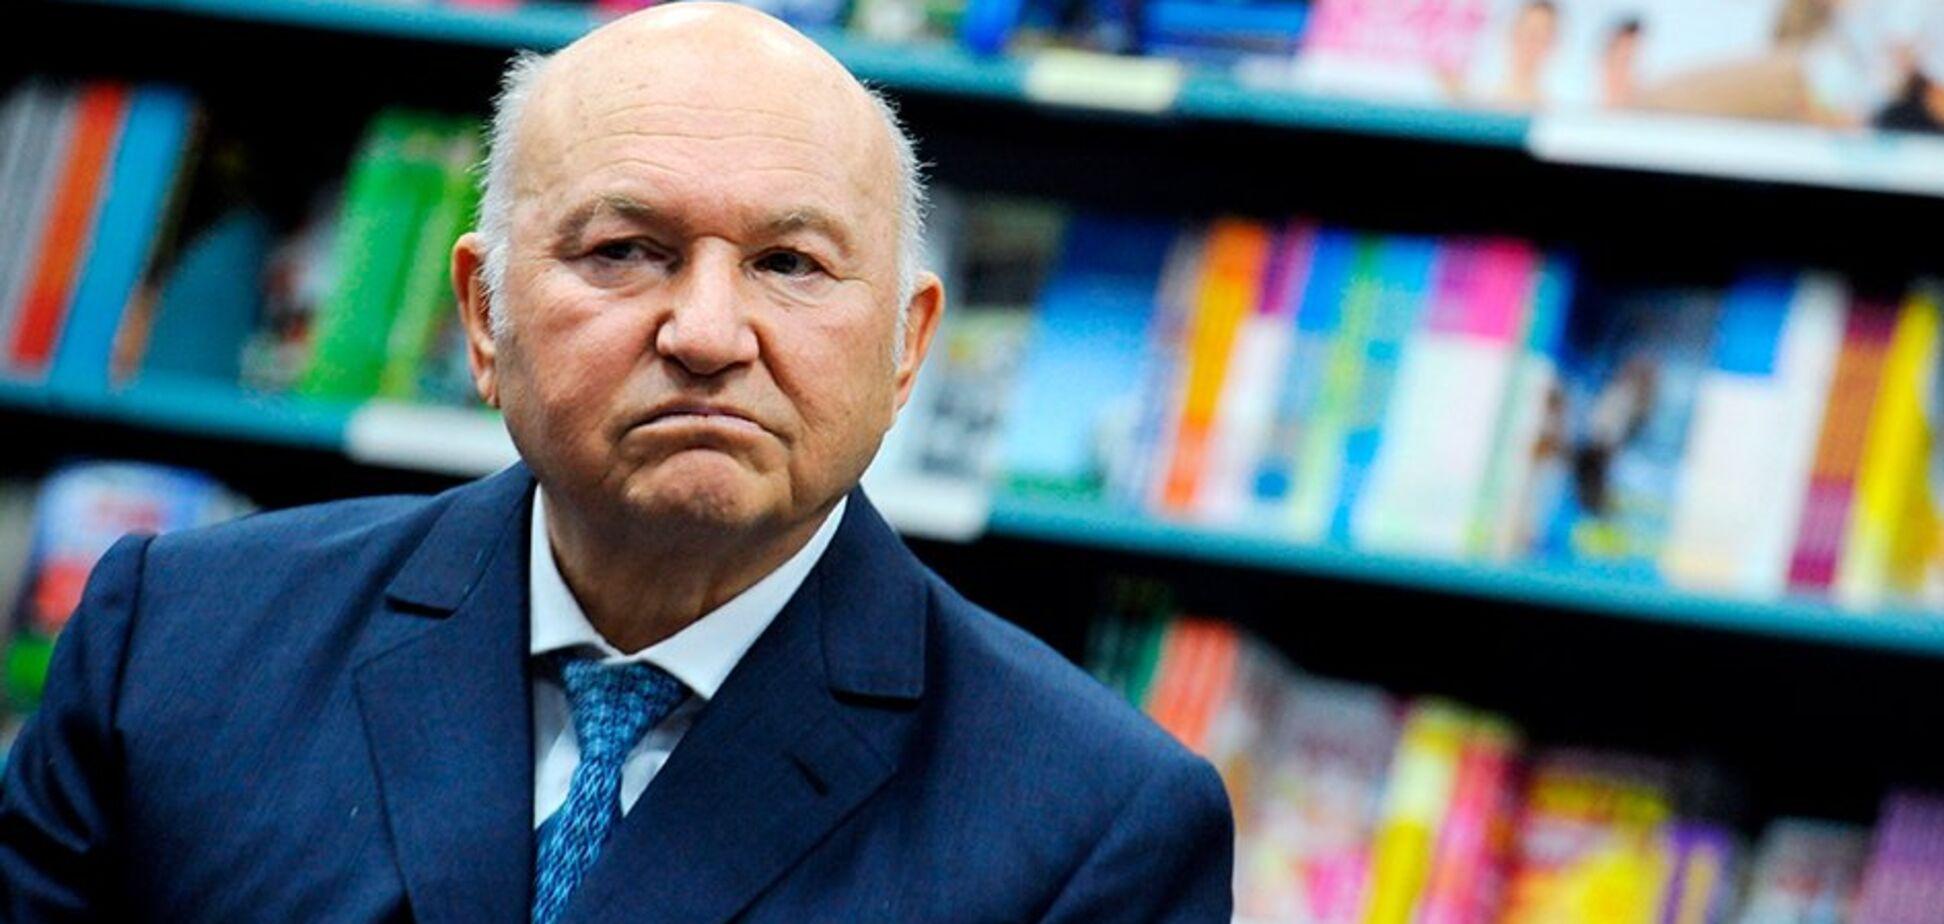 Дружил с Кобзоном, судился с Шурой: какие отношения были у Лужкова с российскими звездами